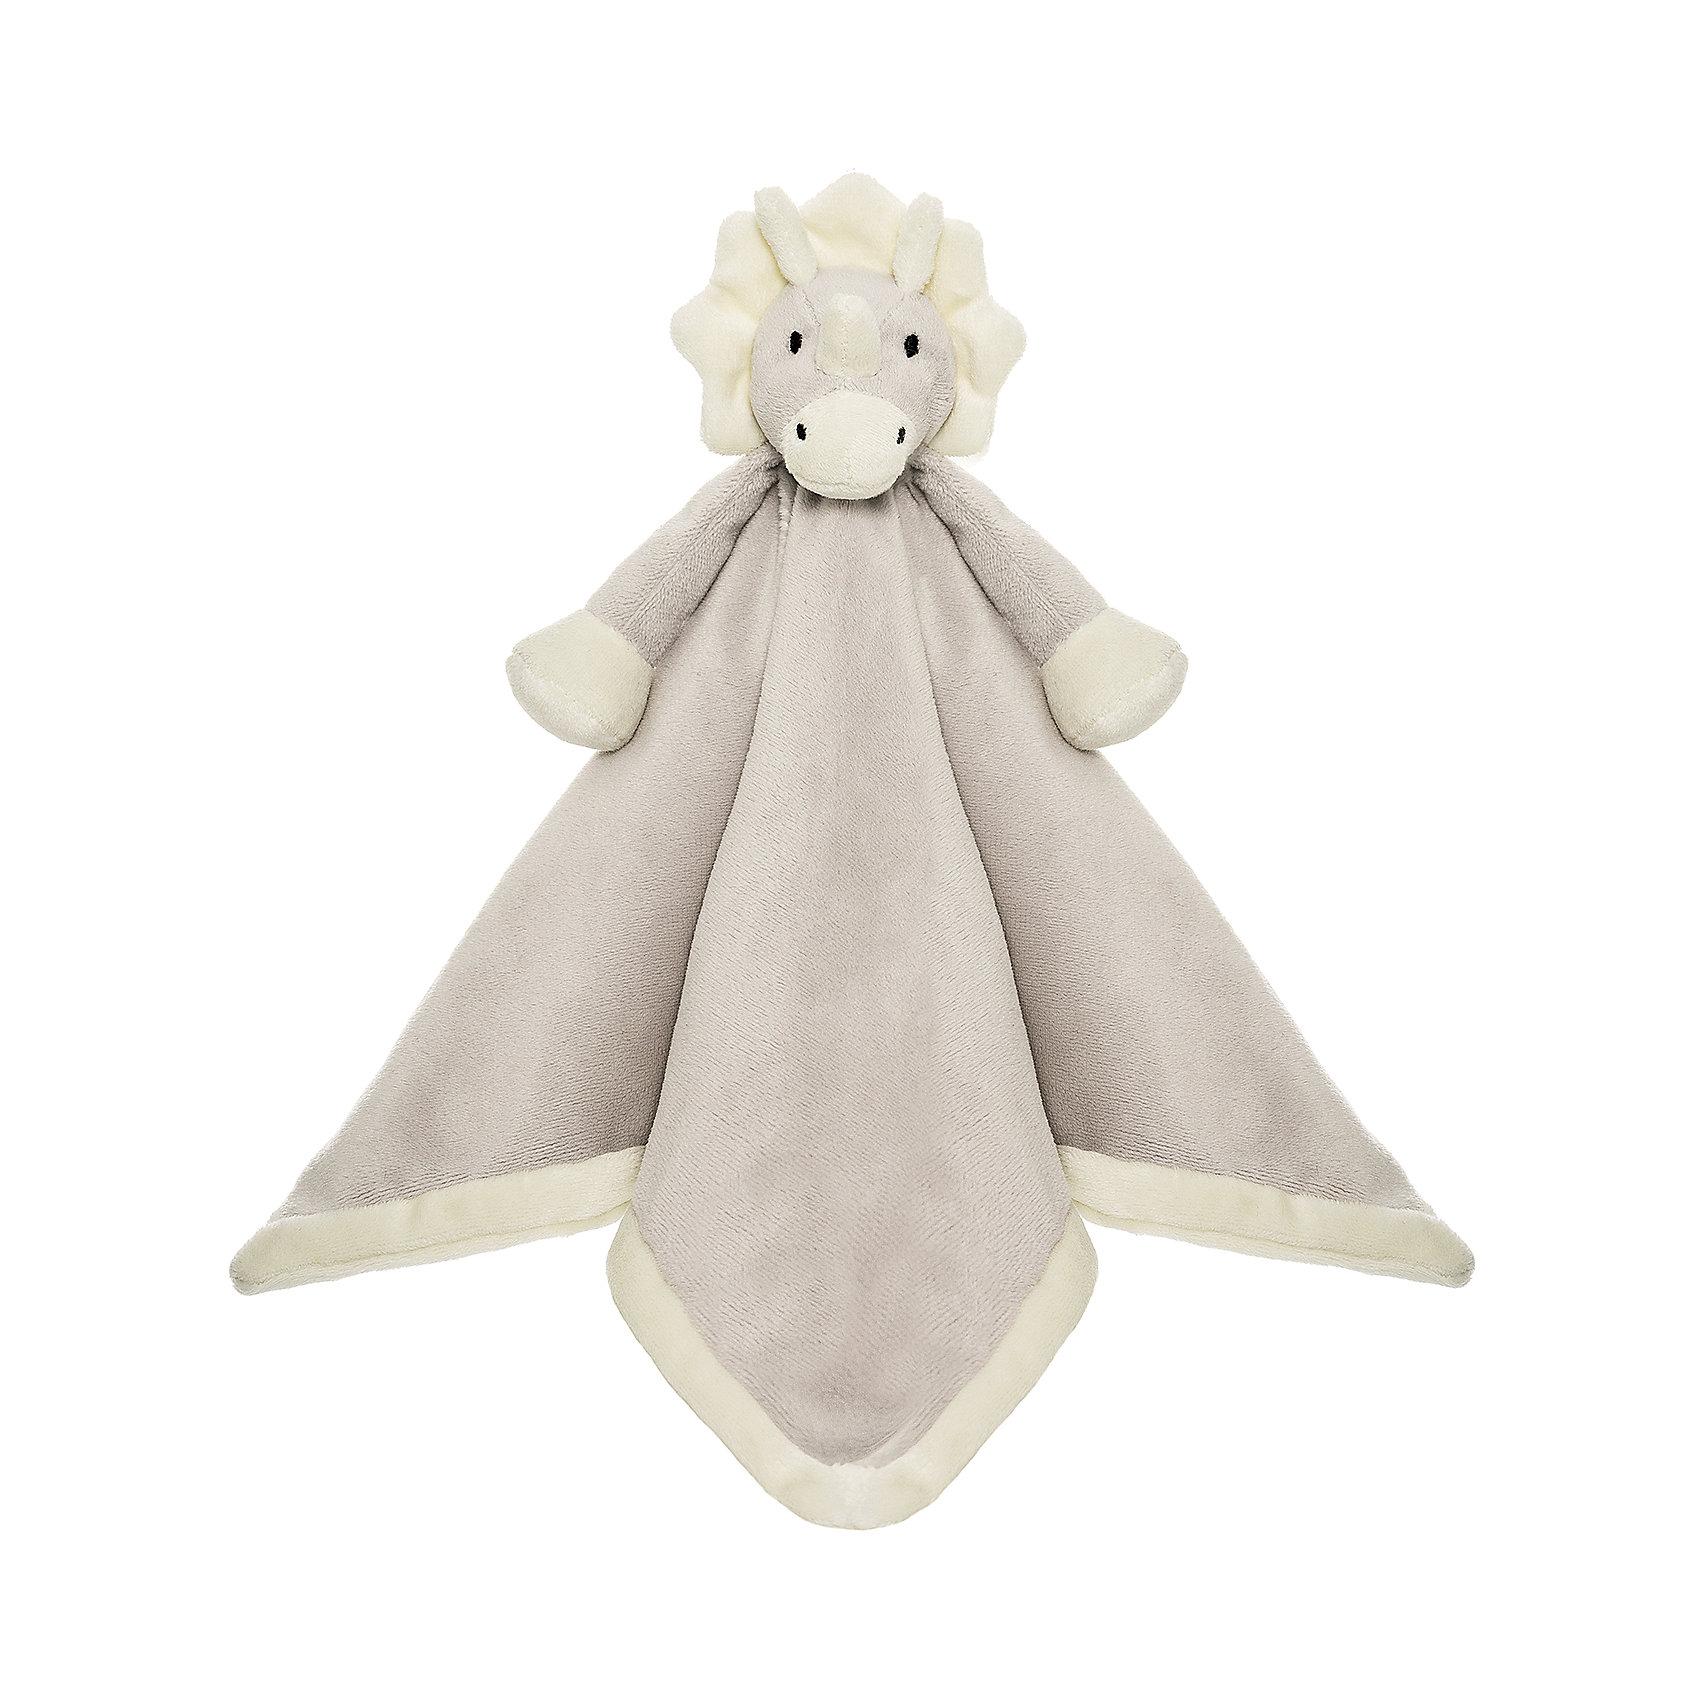 Игрушка-салфетка Динозавр, ДинглисарИгрушки для малышей<br>Характеристики мягкой игрушки Teddykompaniet: <br><br>• размер салфетки: 35х35 см;<br>• материал: 100% хлопок (безворсовый велюр);<br>• серия: Динглисар.<br><br>Мягкая велюровая салфетка для малышей декорирована объемной мордочкой динозаврика, которая находится в центре салфетки. Малыш теребит салфетку в ручках, прикосновения к мягкому велюровому материалу развивают тактильное восприятие крохи. Салфетка хорошо впитывает влагу, ее можно использовать на этапе прорезывания зубок, когда у малыша обильное слюноотделение. <br><br>В процессе игры развивается мелкая моторика пальчиков, цветовосприятие, тактильное восприятие. <br><br>Игрушку-салфетку Динозавр, Динглисар можно купить в нашем интернет-магазине.<br><br>Ширина мм: 100<br>Глубина мм: 50<br>Высота мм: 100<br>Вес г: 100<br>Возраст от месяцев: 0<br>Возраст до месяцев: 12<br>Пол: Унисекс<br>Возраст: Детский<br>SKU: 5219512